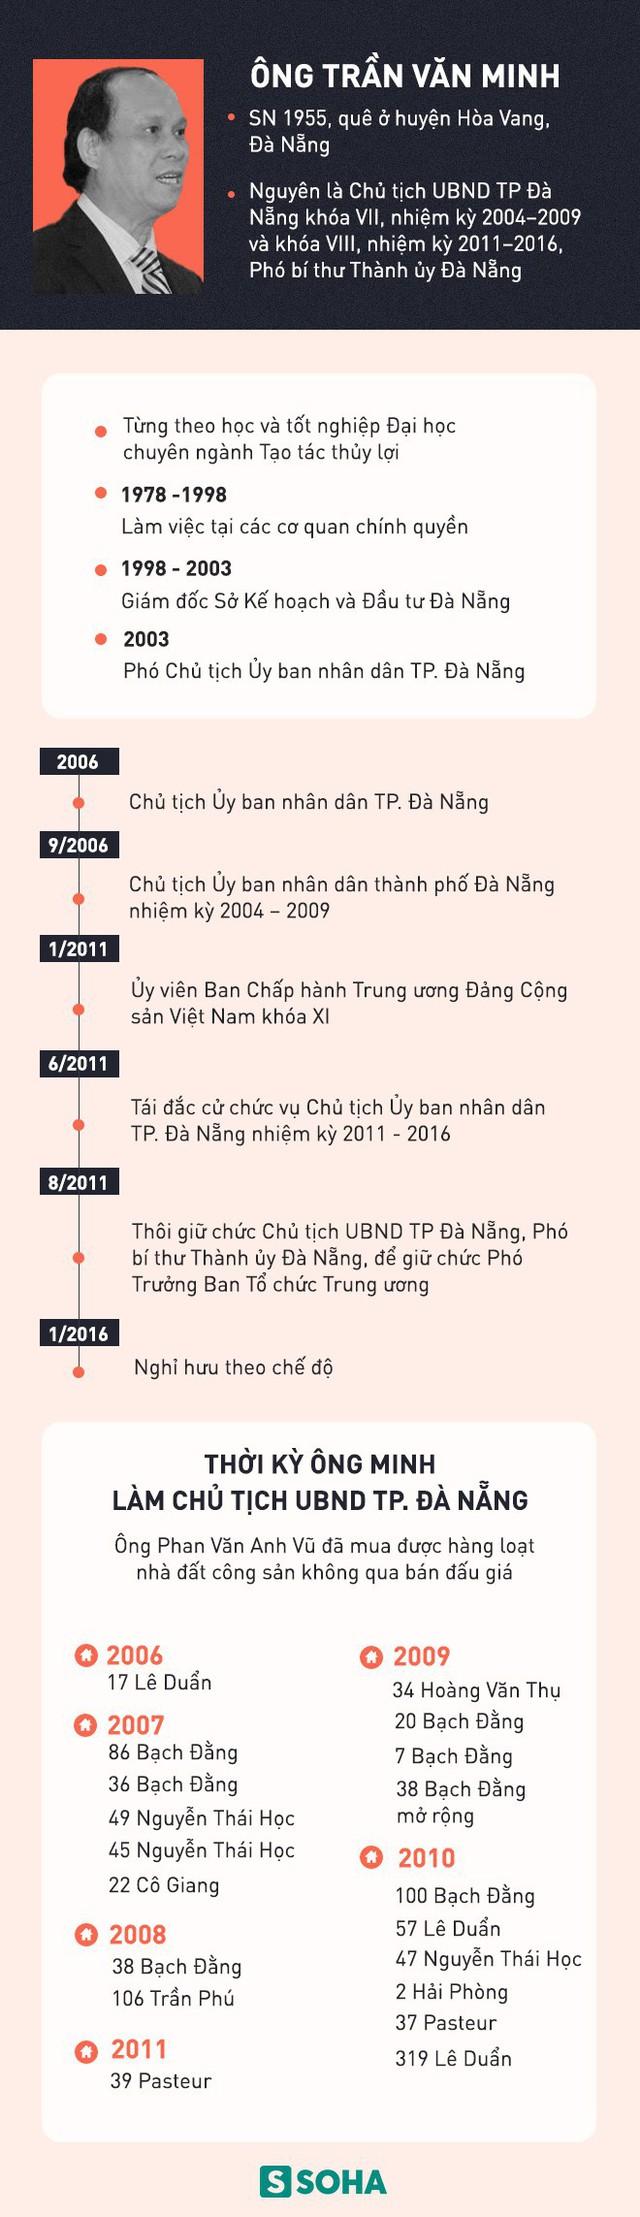 Cựu Chủ tịch Đà Nẵng Trần Văn Minh từng nói gì trước thông tin bị bắt? - Ảnh 3.